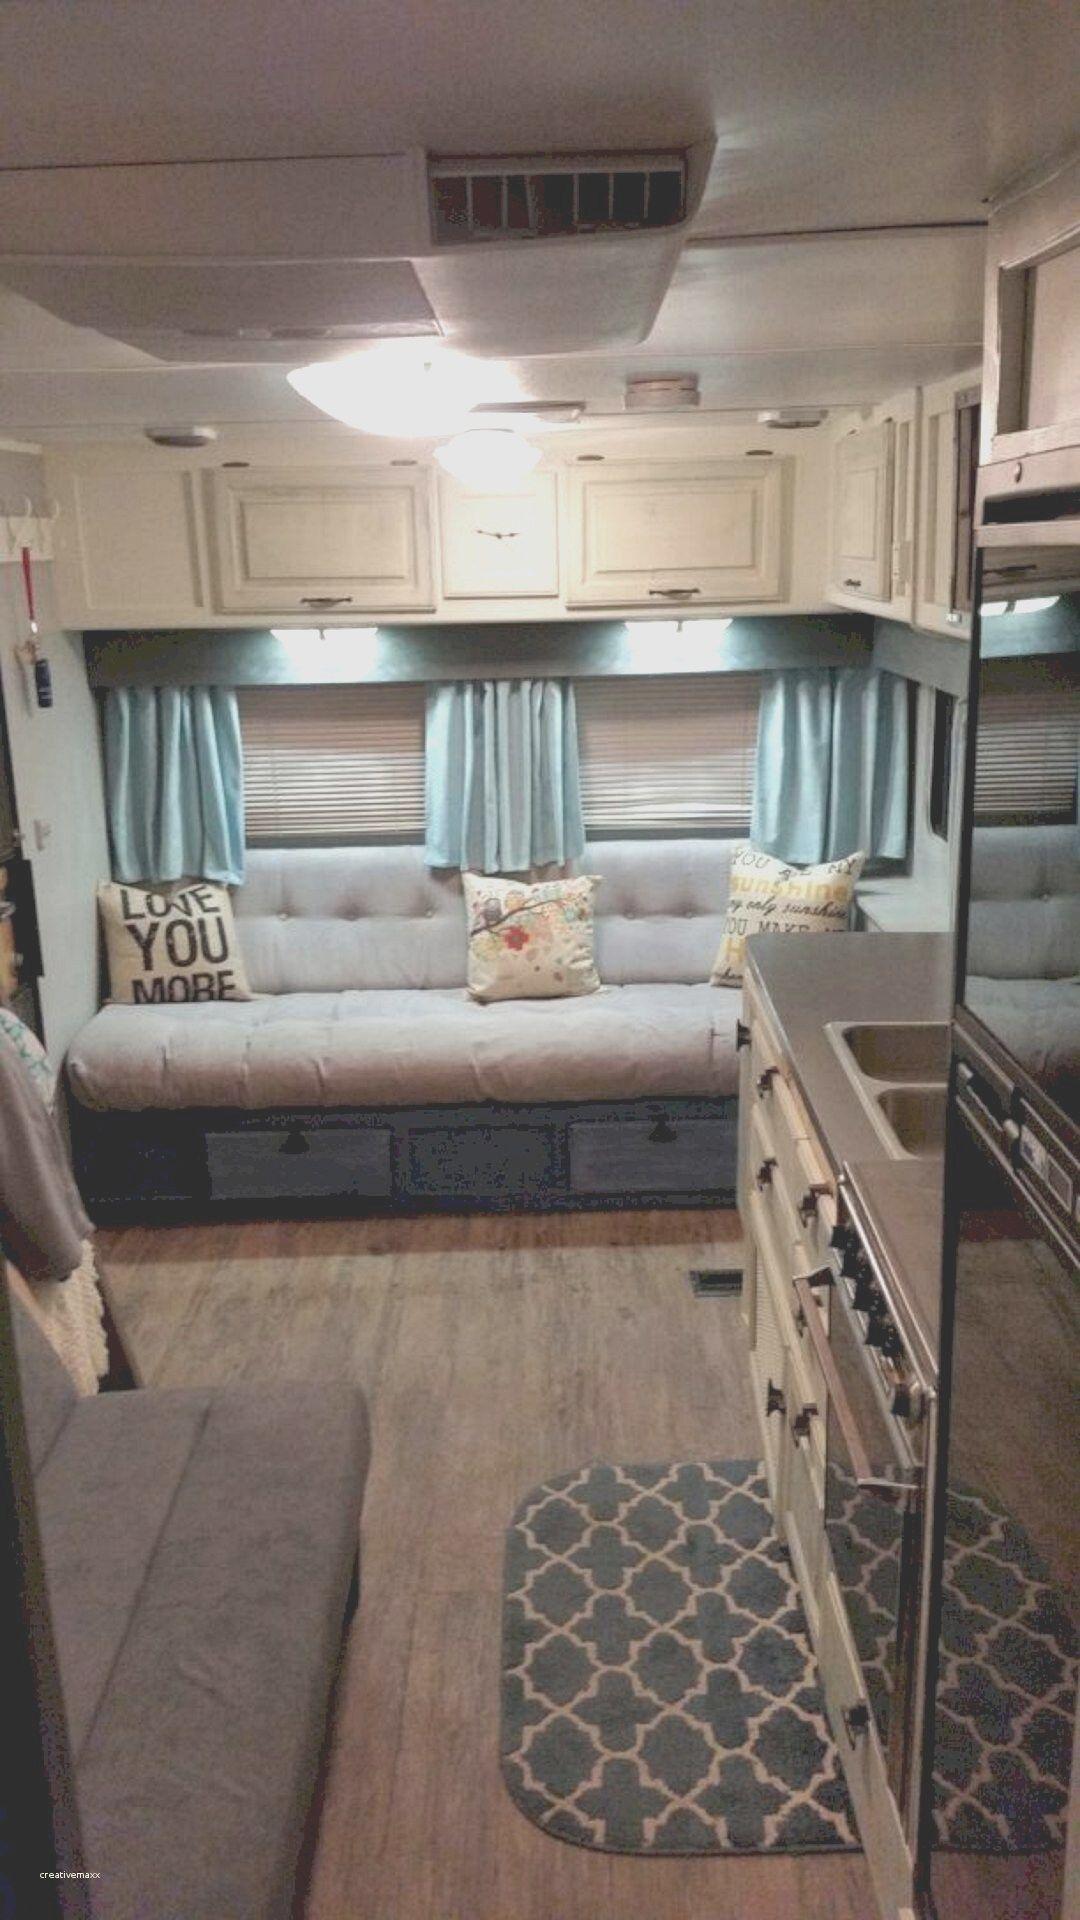 Épinglé par martha sur vintage trailers & tiny living | pinterest